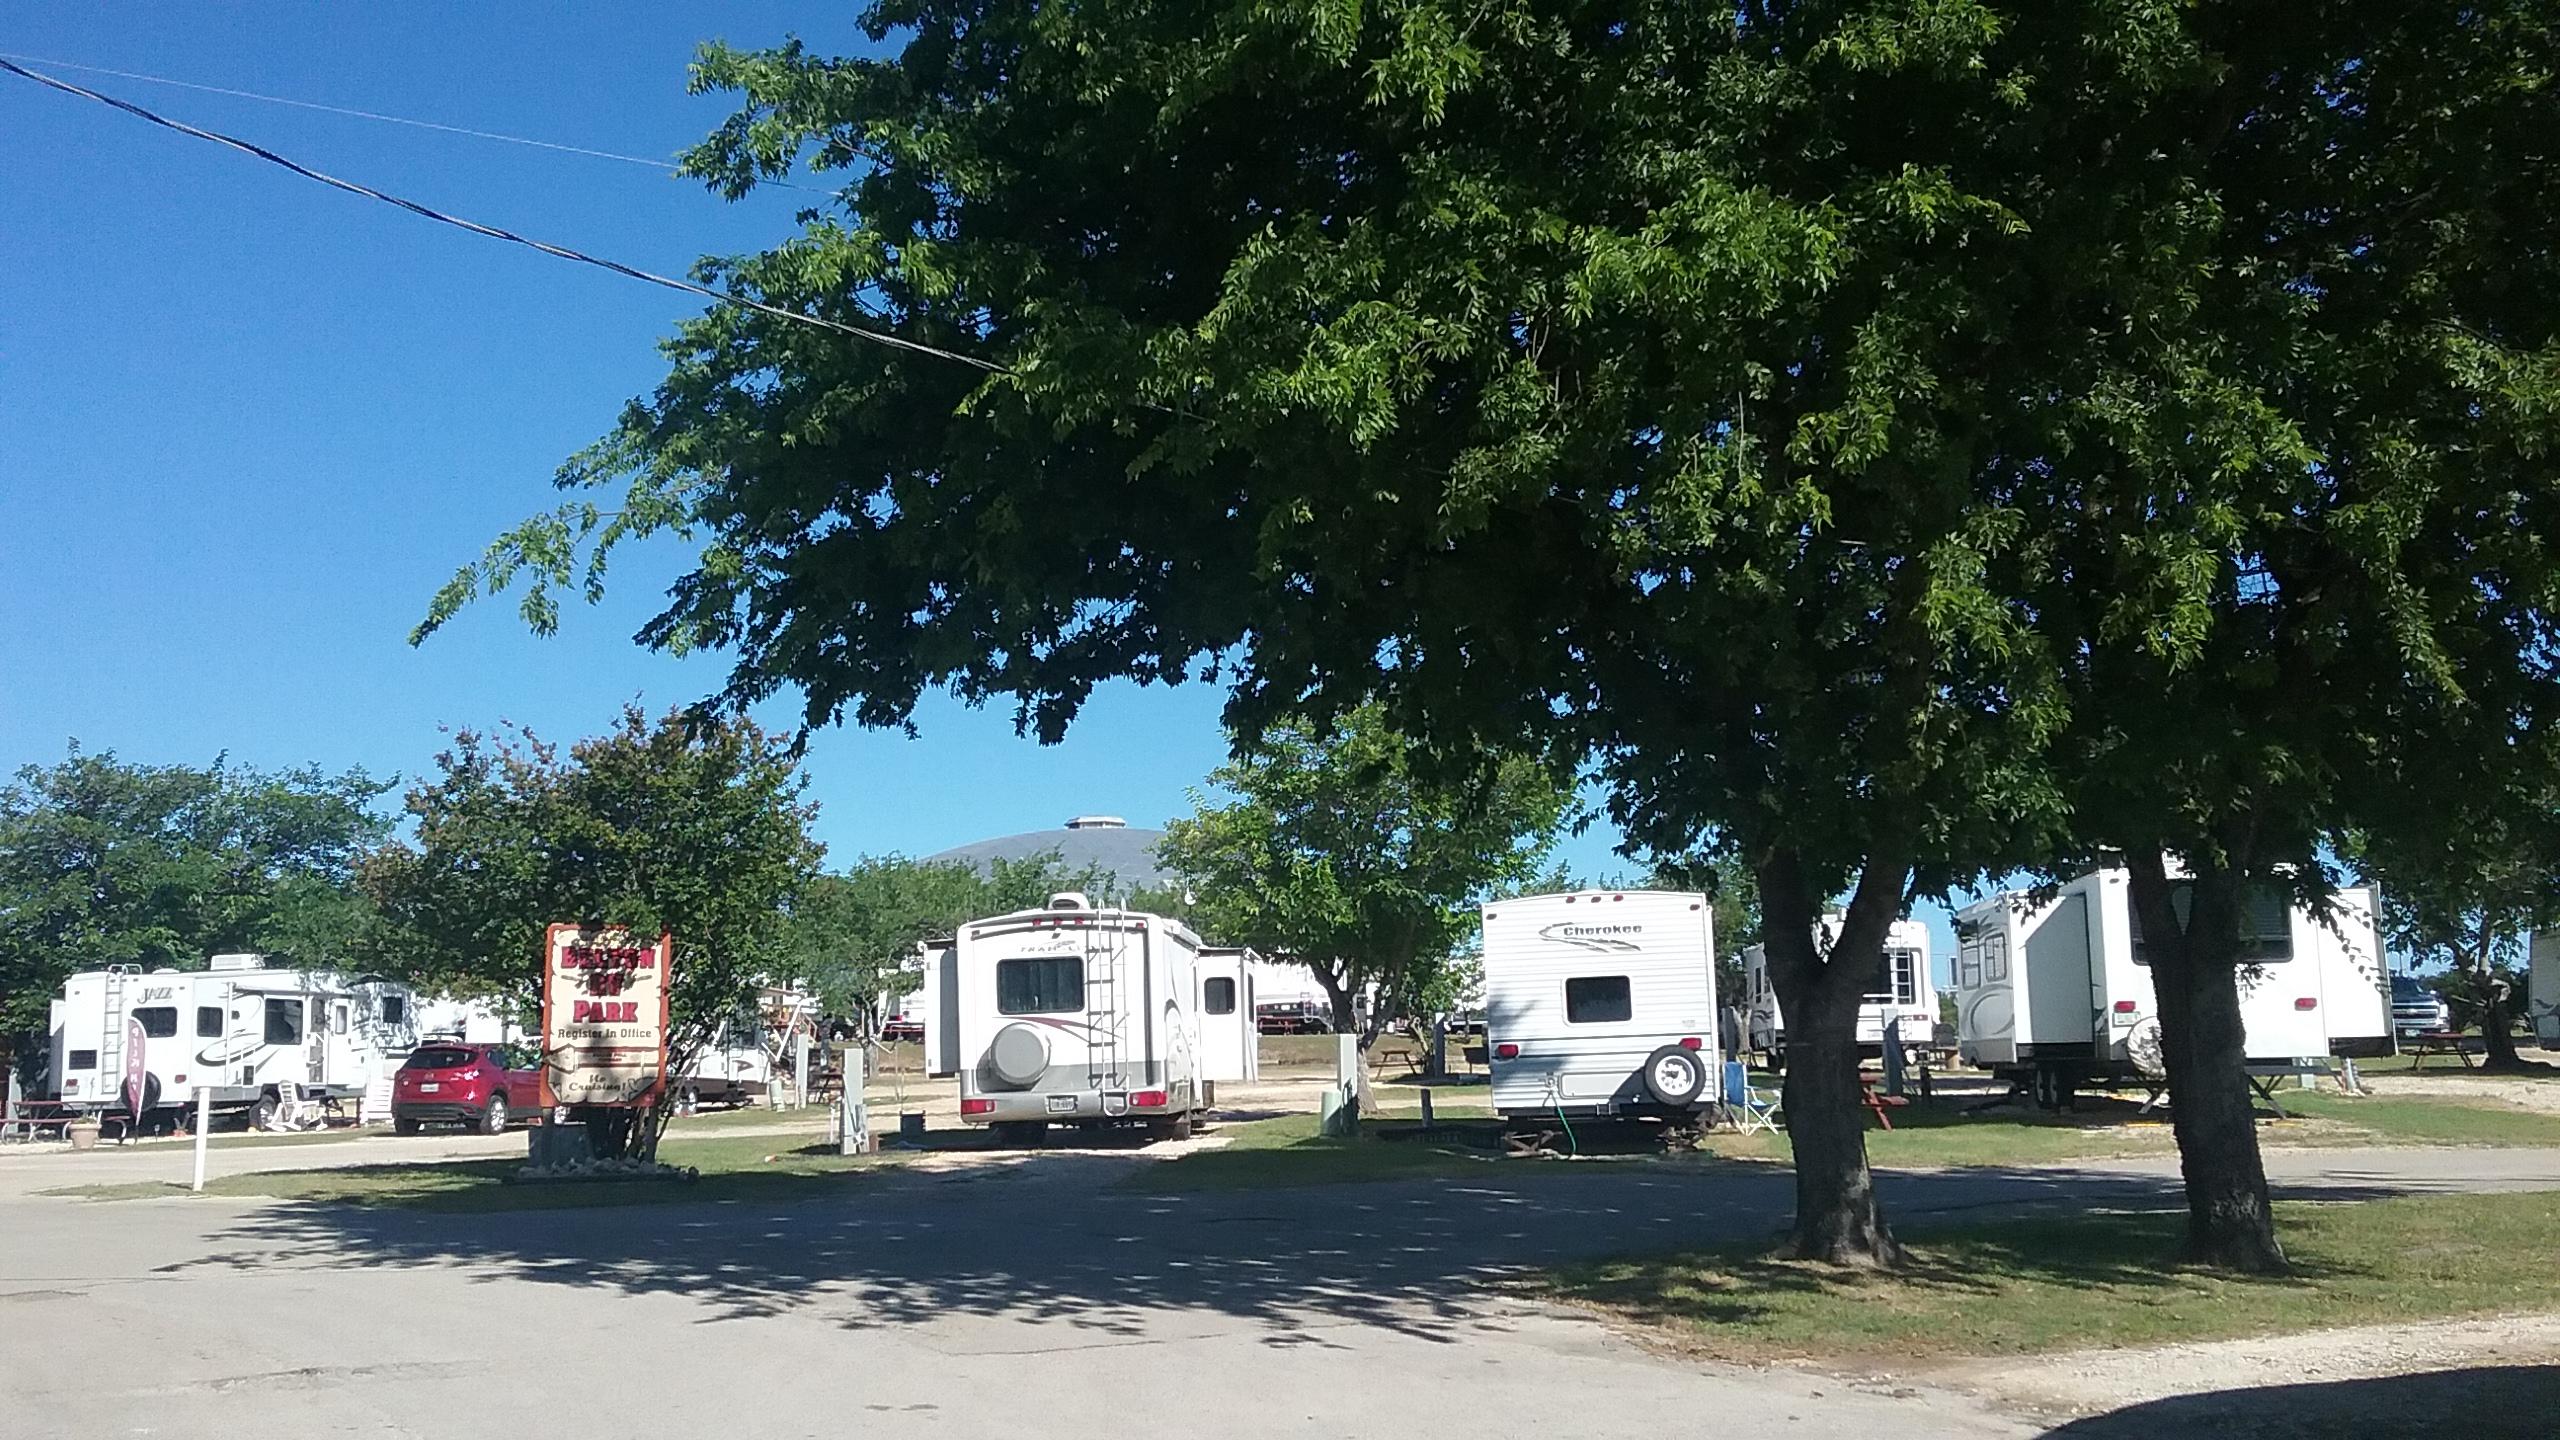 Belton Rv Parks Reviews And Photos Rvparking Com